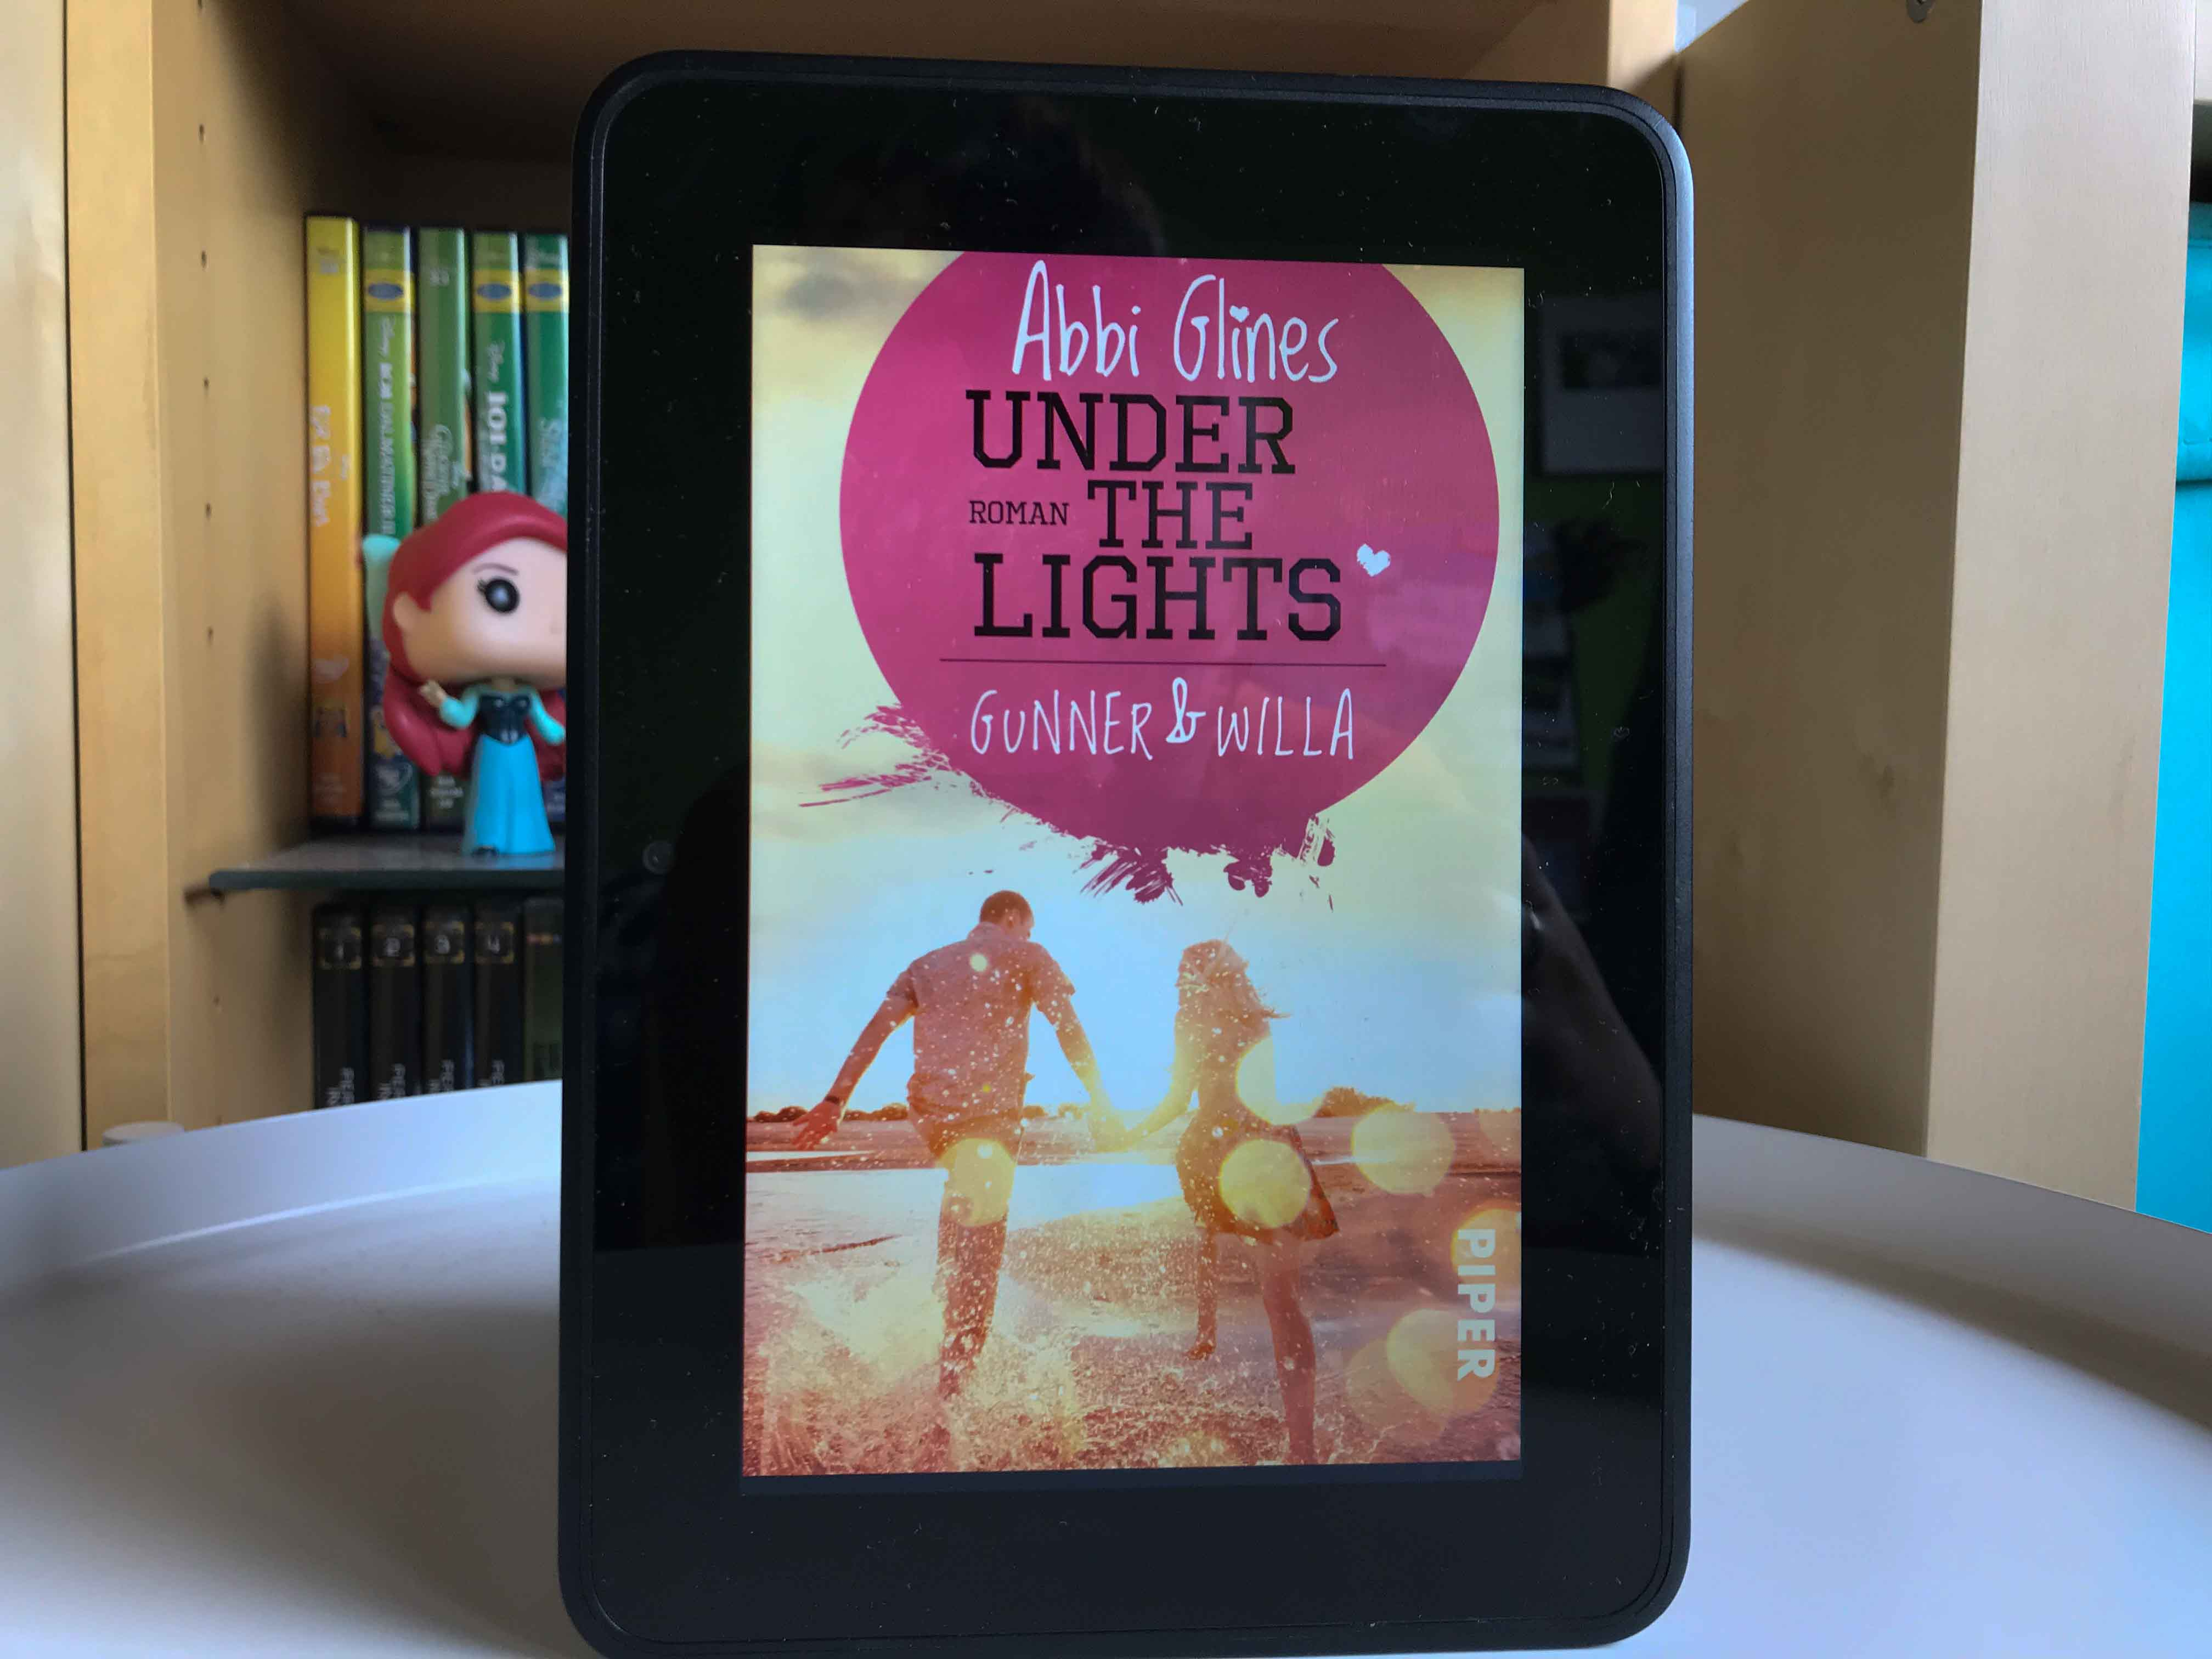 Under the lights – Gunnar & Willa | Abbi Glines